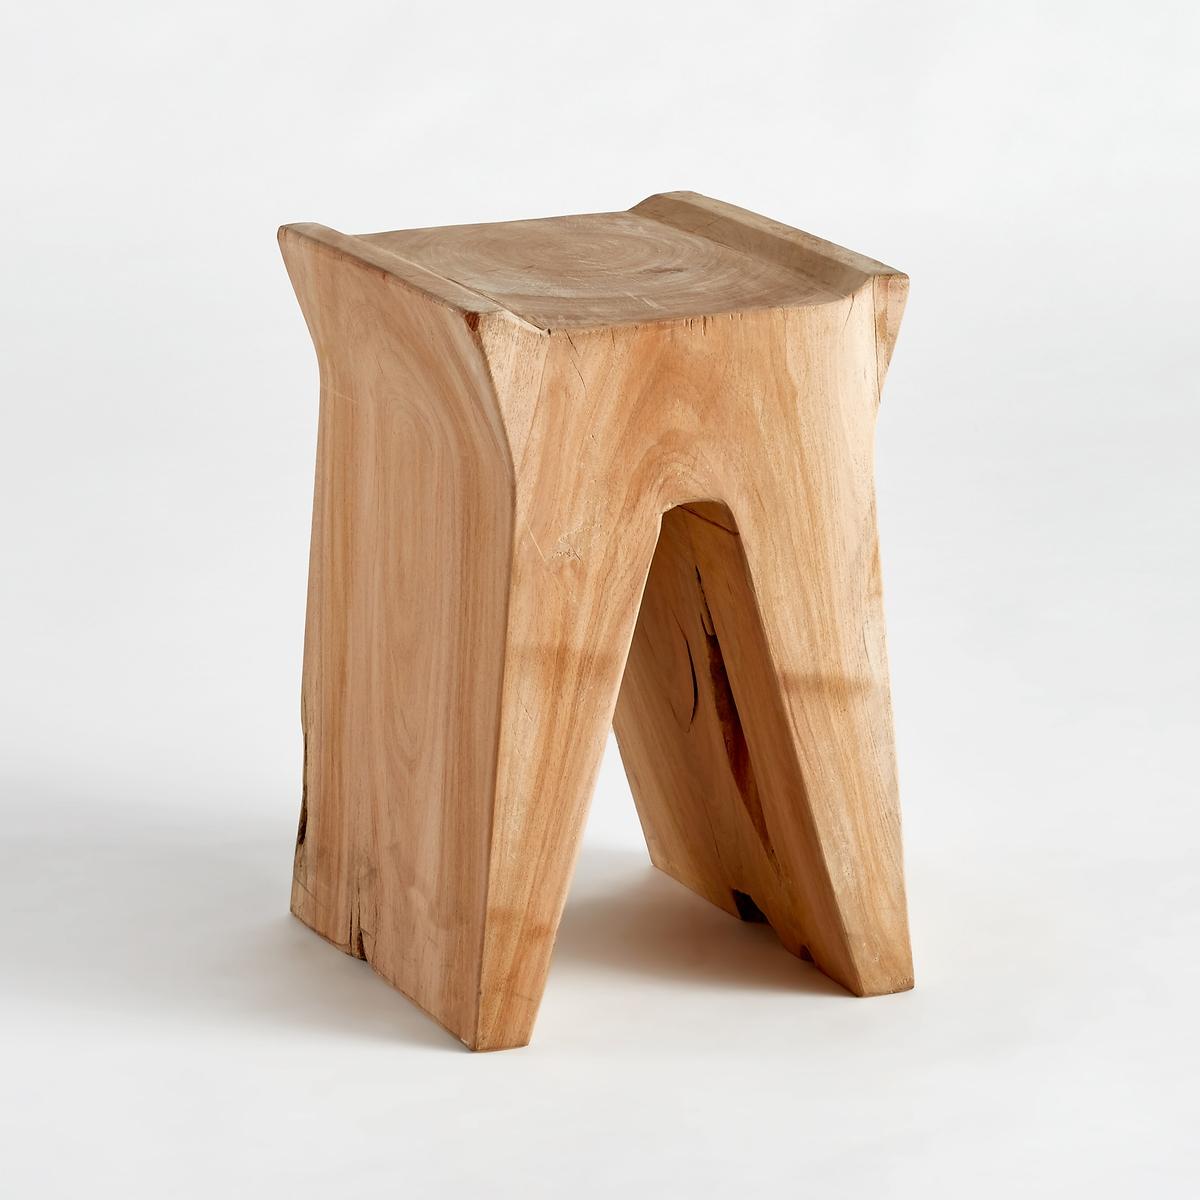 Журнальный столик из акации, SeduwaЖурнальный столик Seduwa. Настоящий предмет декора, диванный столик в форме моста можно использовать как ночной столик или журнальный столик (с другими моделями коллекции).Характеристики :- Из массива акации. Массив дерева - это живой материал, который может изменить свой внешний вид и на котором могут со временем образоваться небольшие трещинки. Размеры :- диаметр 30 x высота 45 см<br><br>Цвет: серо-бежевый